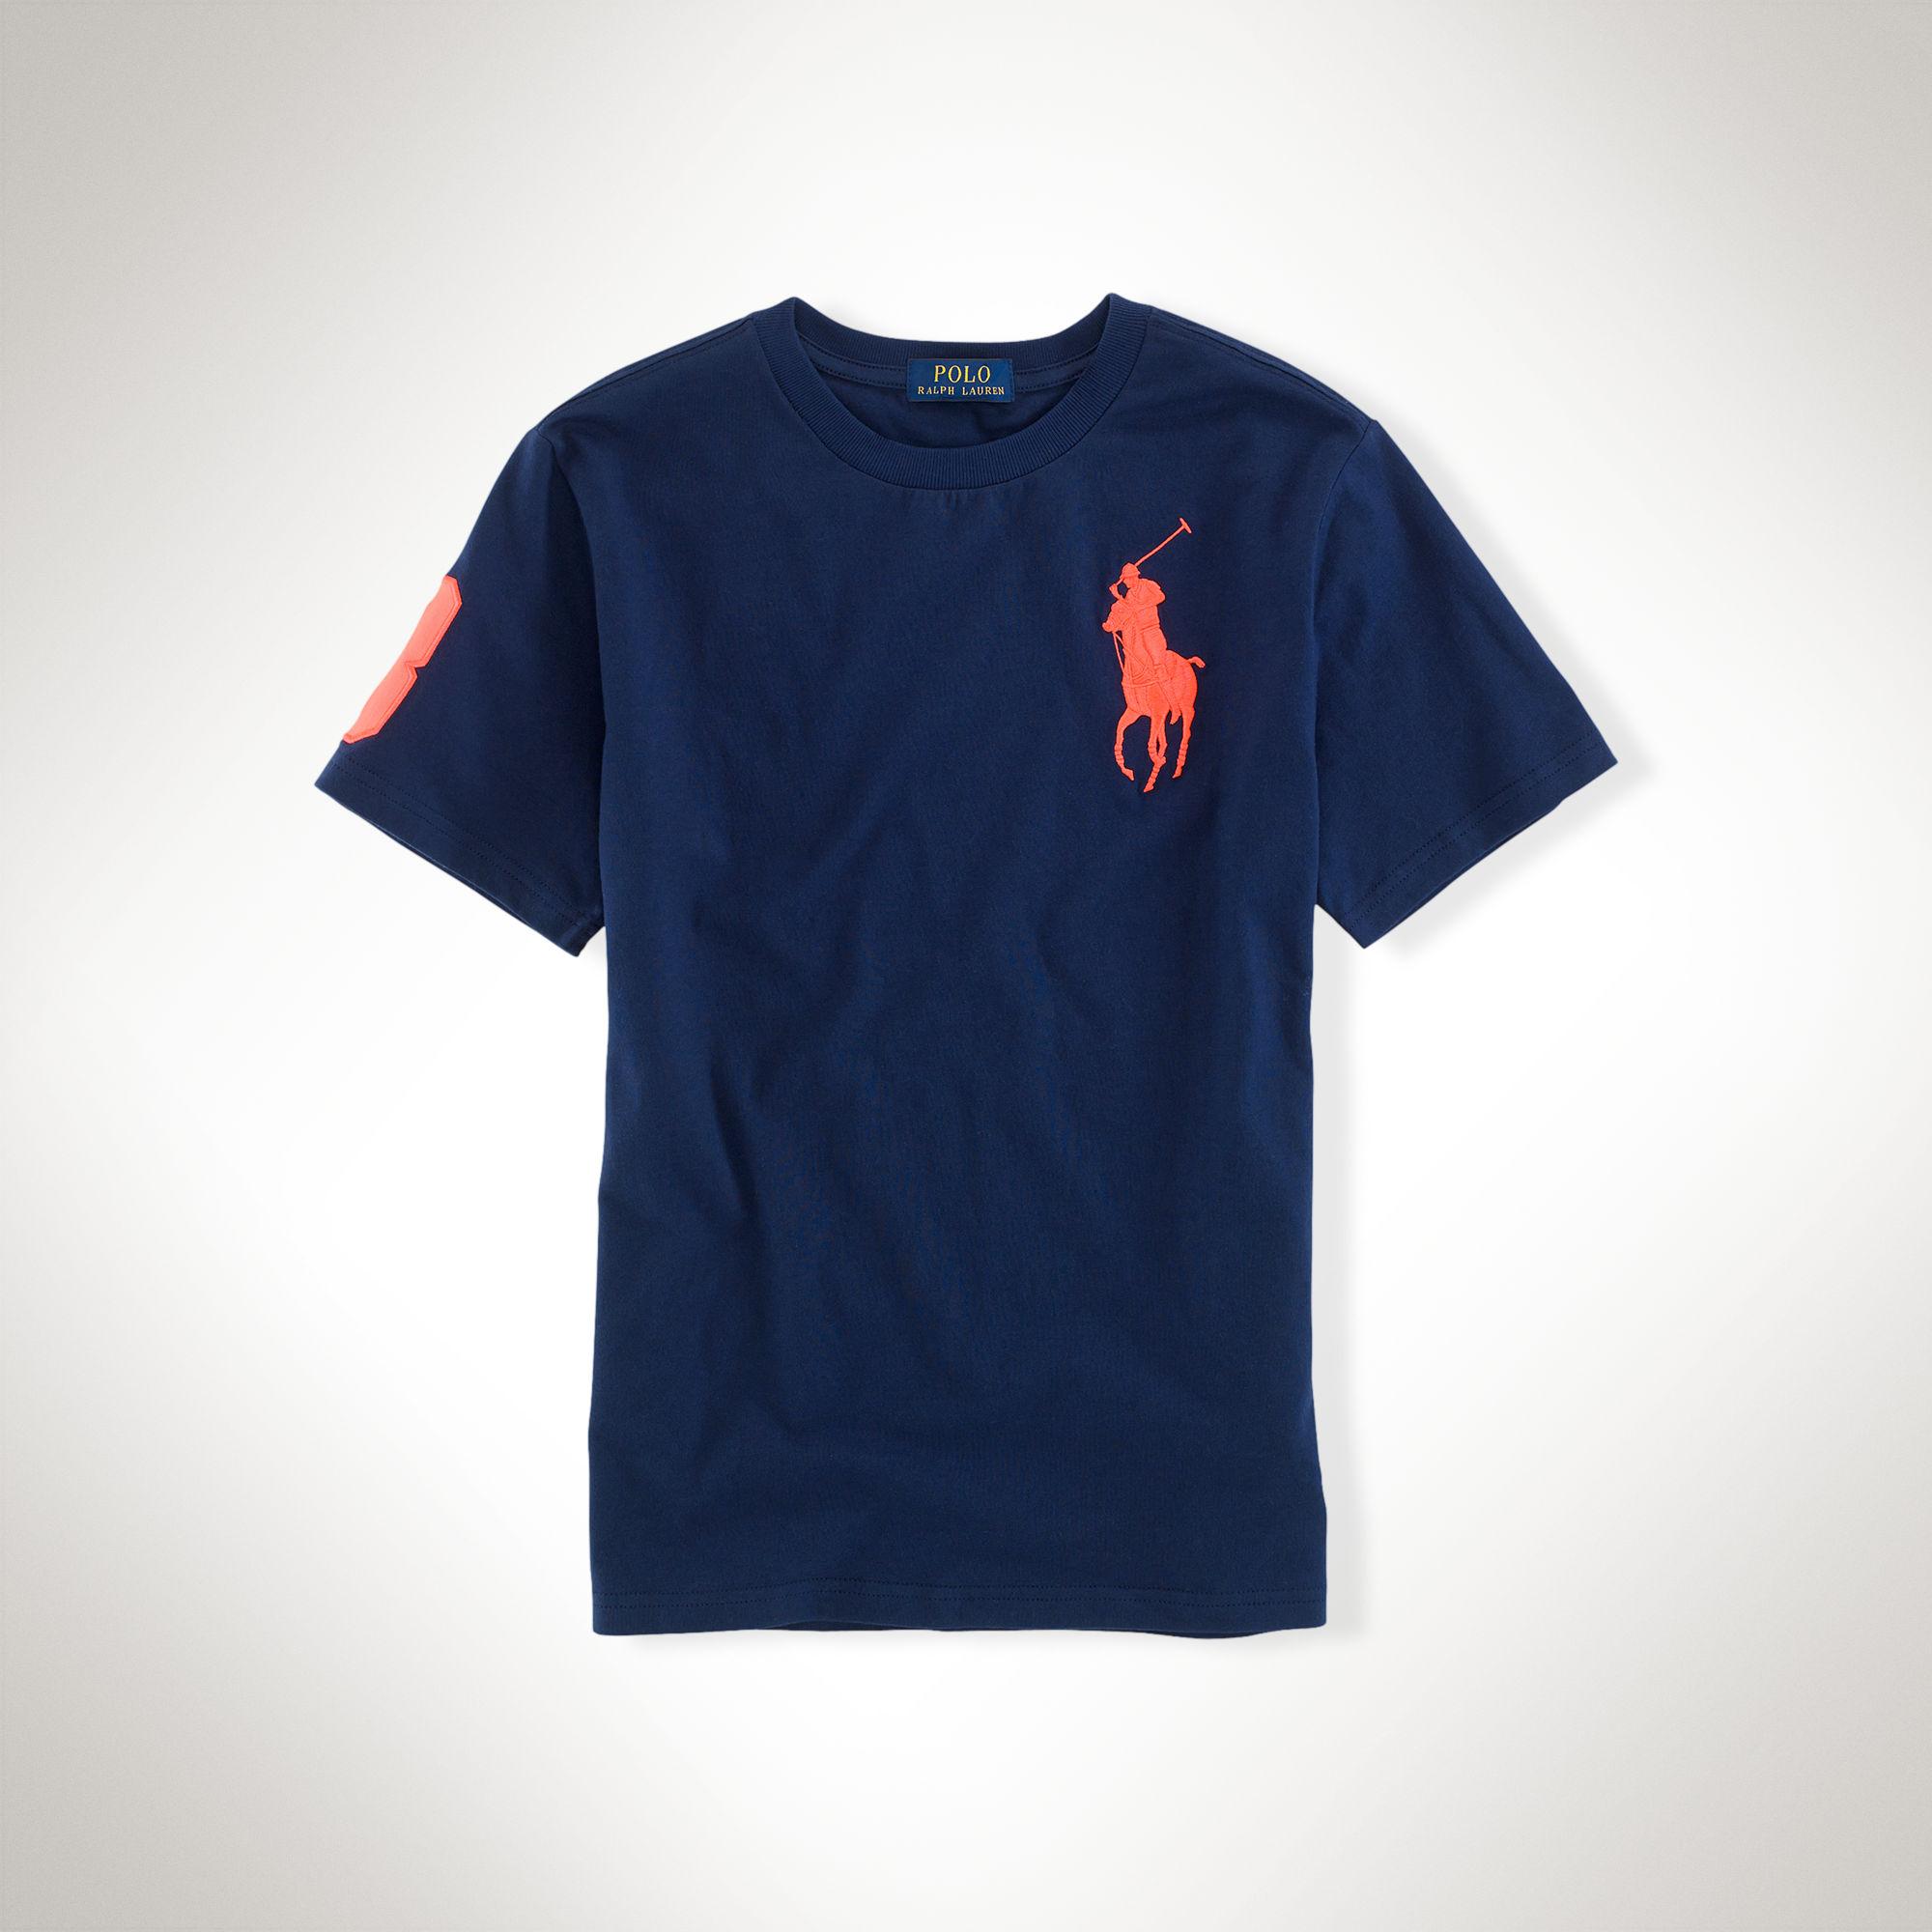 美國百分百【Ralph Lauren】T恤 男衣 RL 短袖 上衣 T-shirt Polo 大馬 深藍色 XS S號 E102